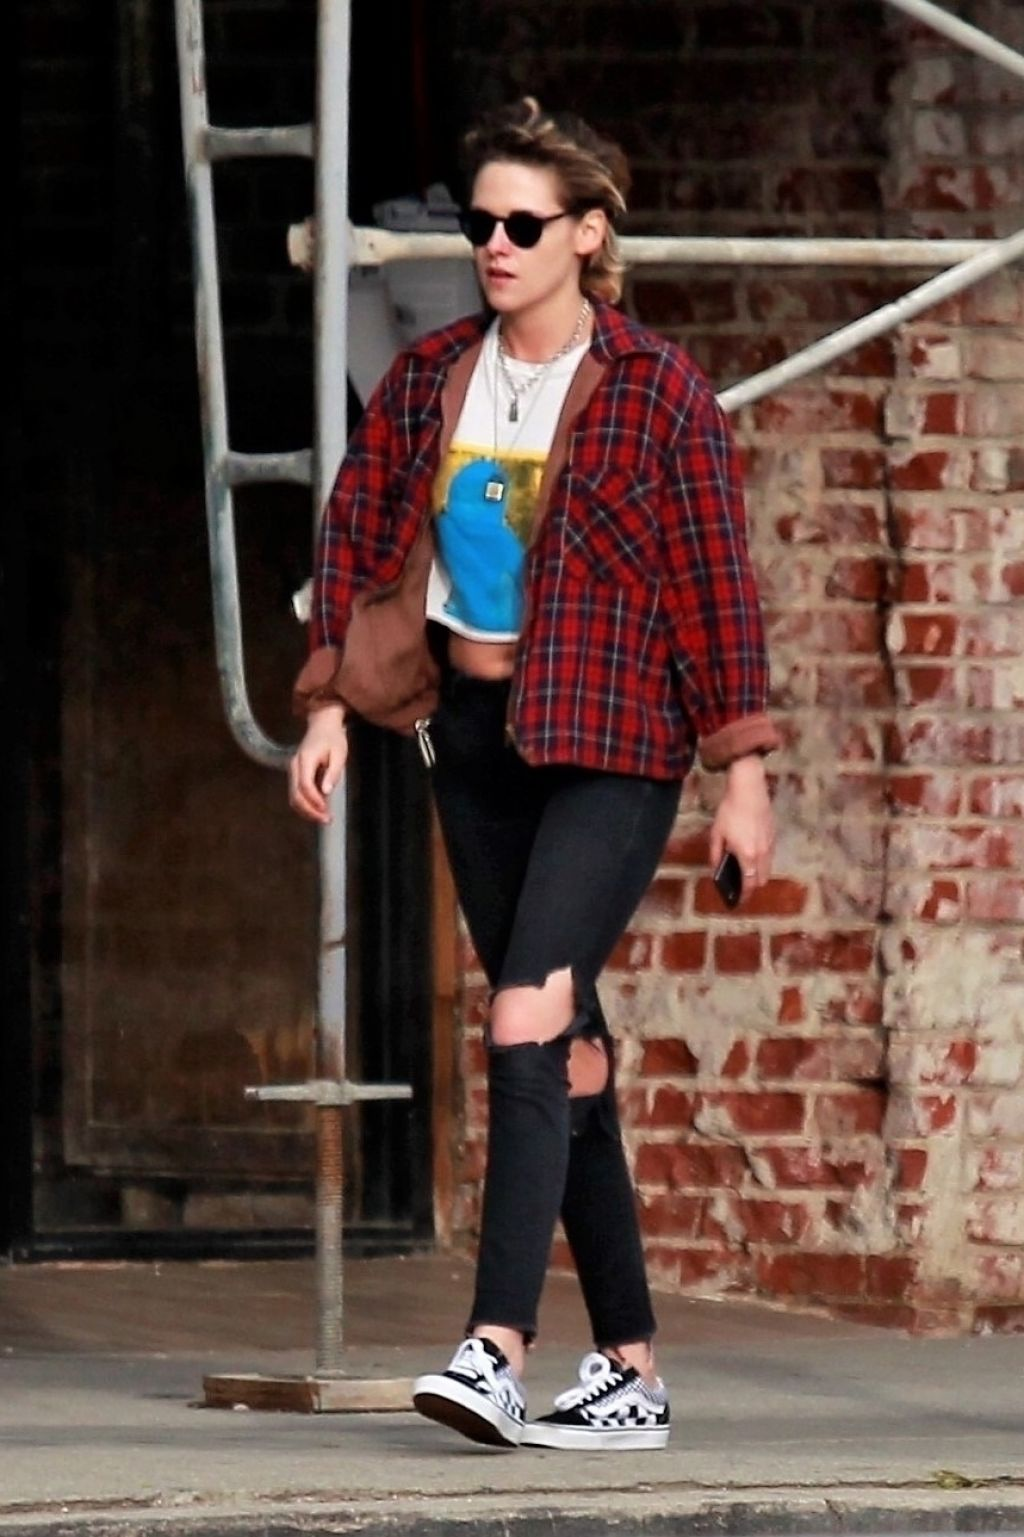 Kristen Stewart Street Style Runs Errands In La 03 10 2018